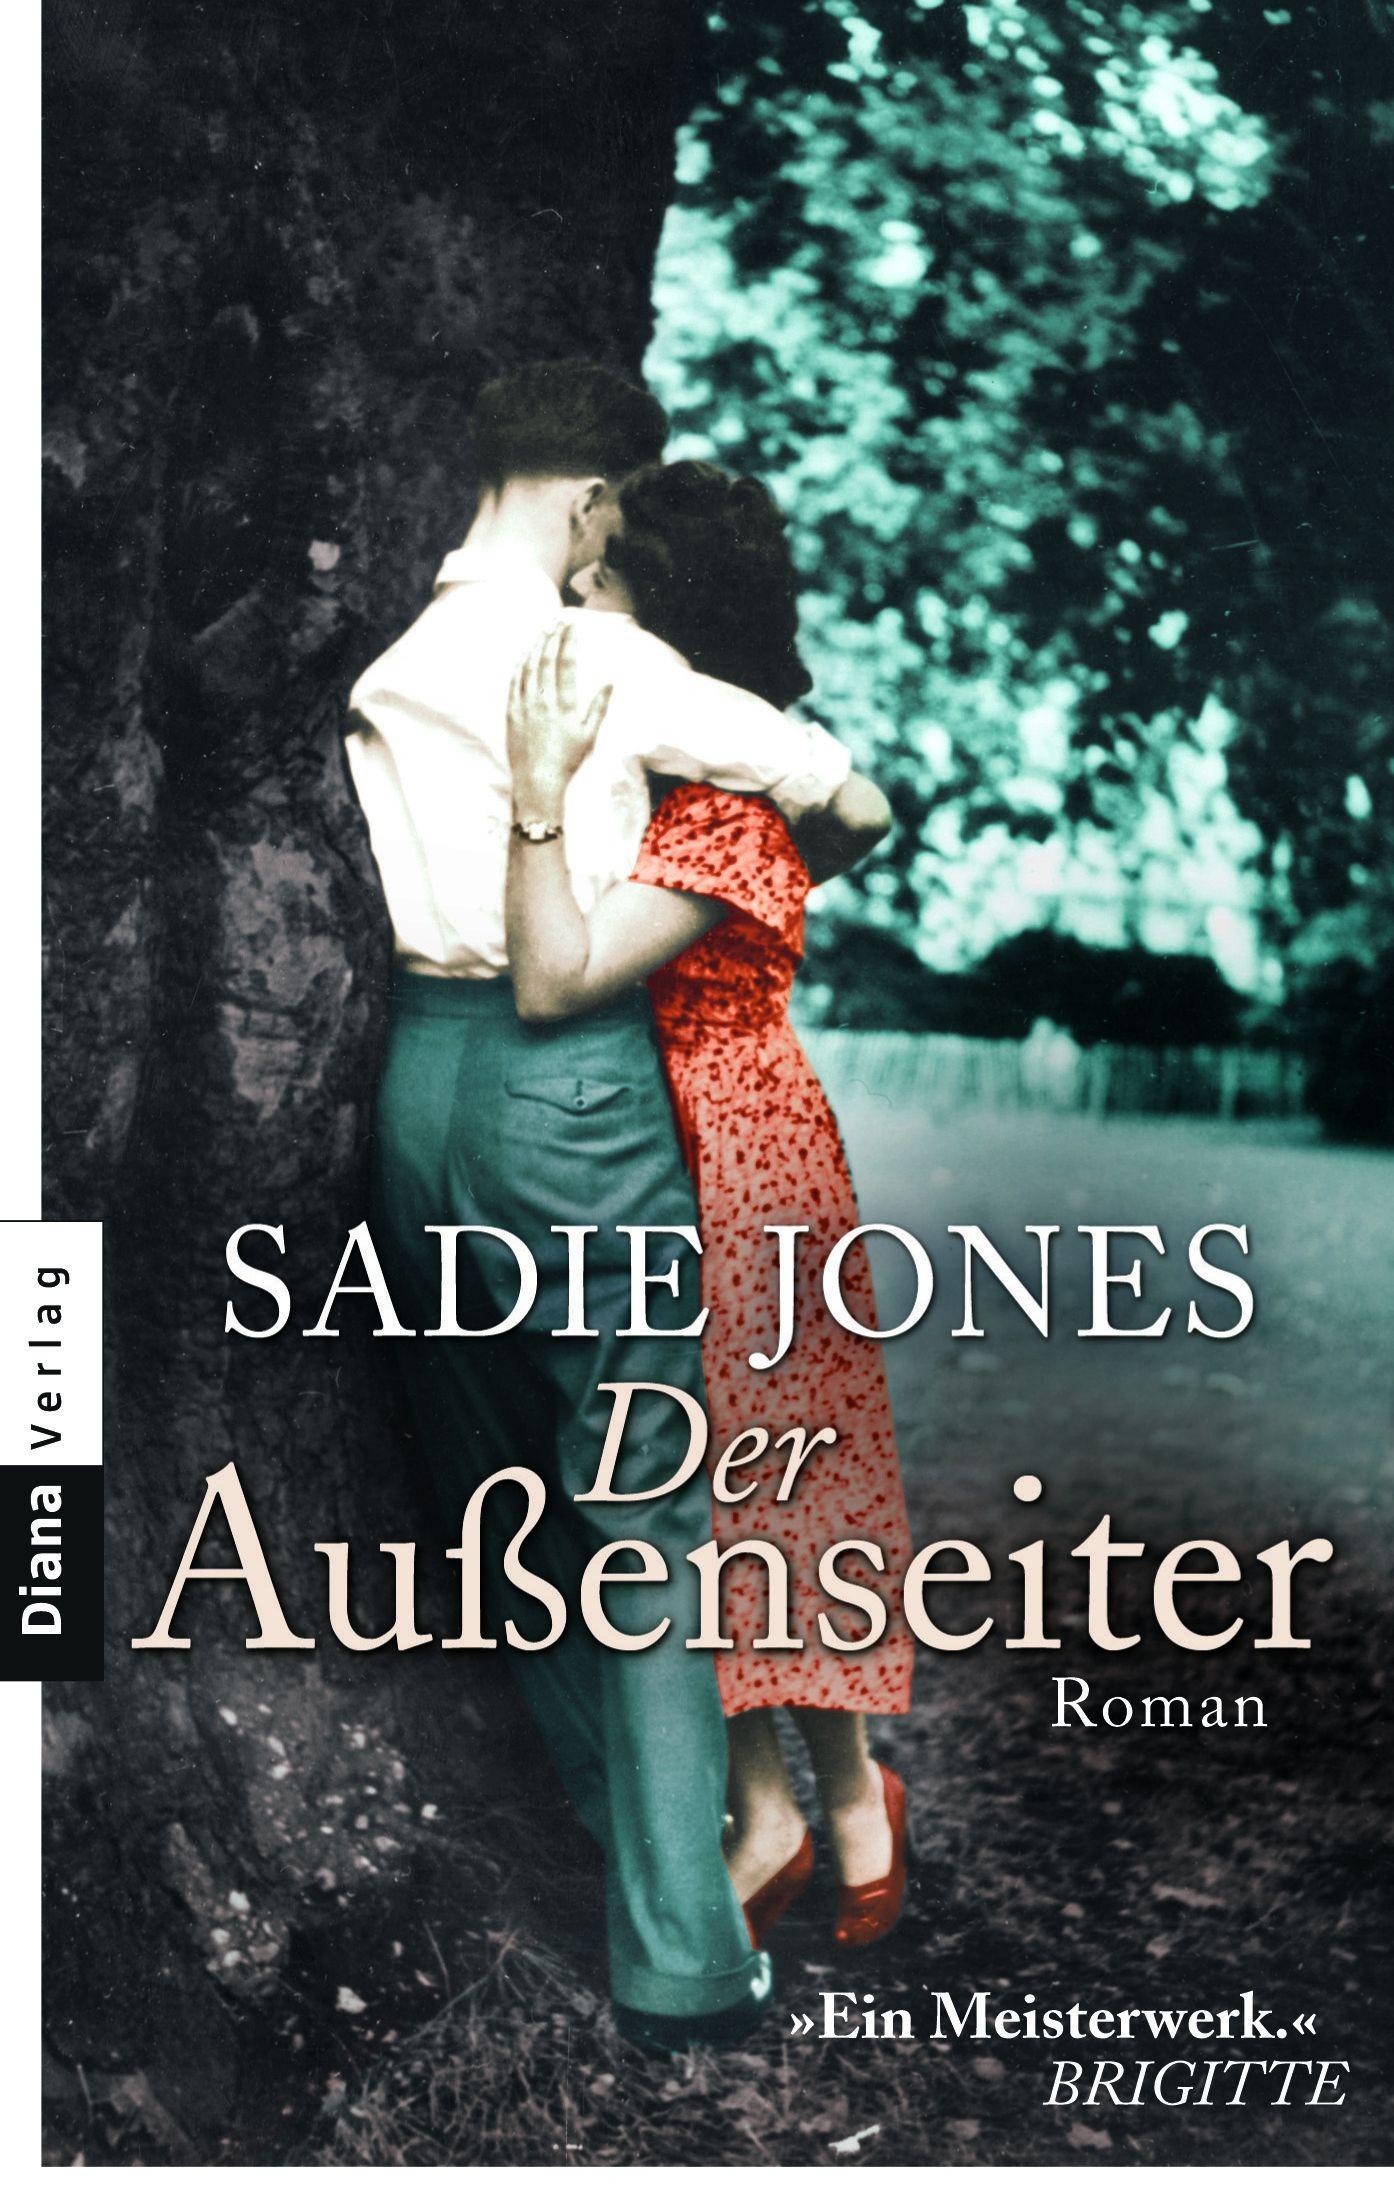 Der Aussenseiter von Sadie Jones